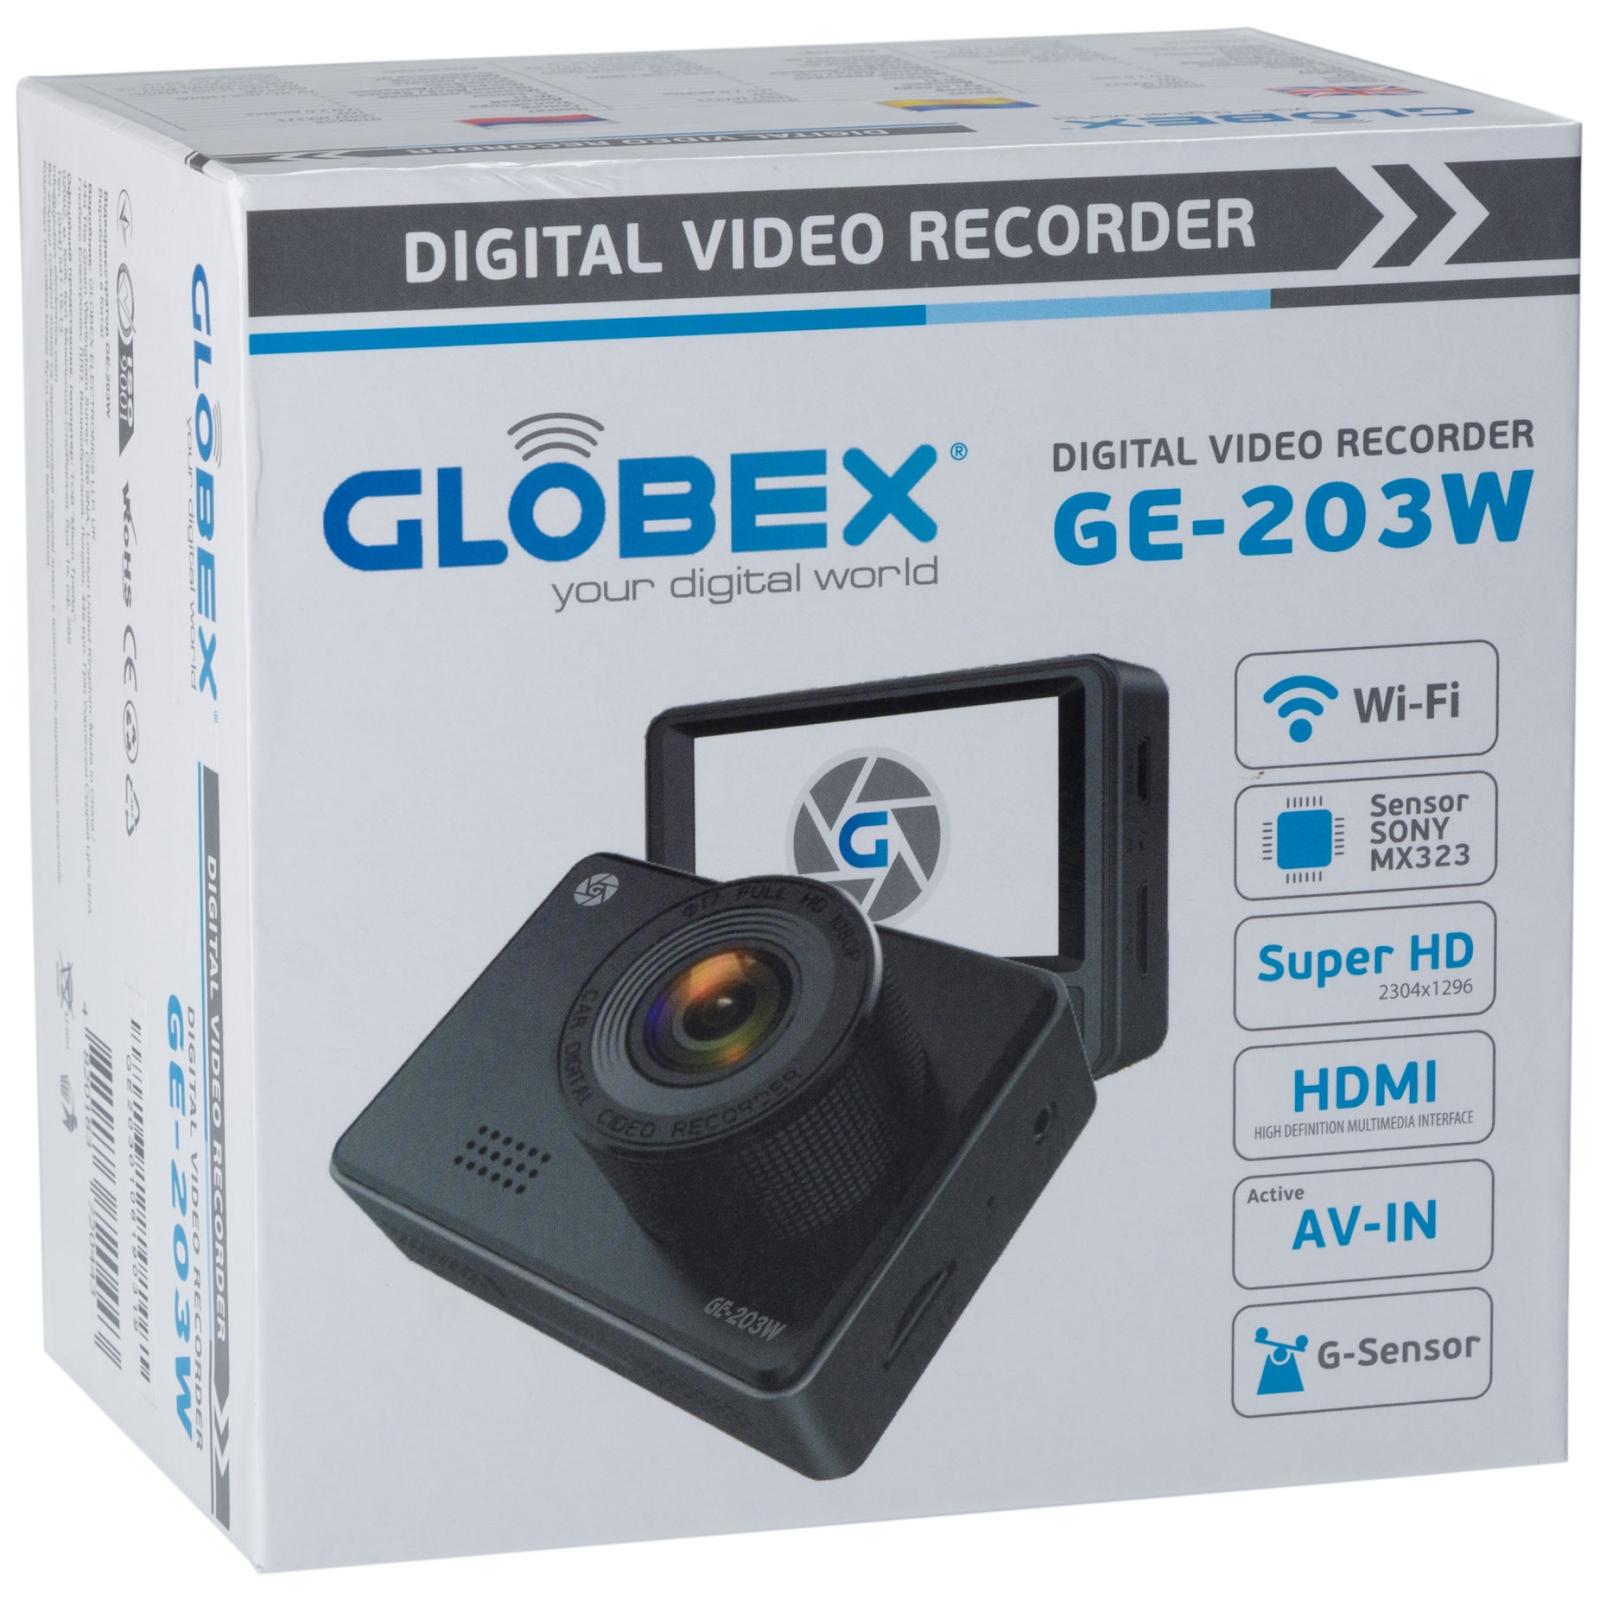 Видеорегистратор Globex GE-203w изображение 9